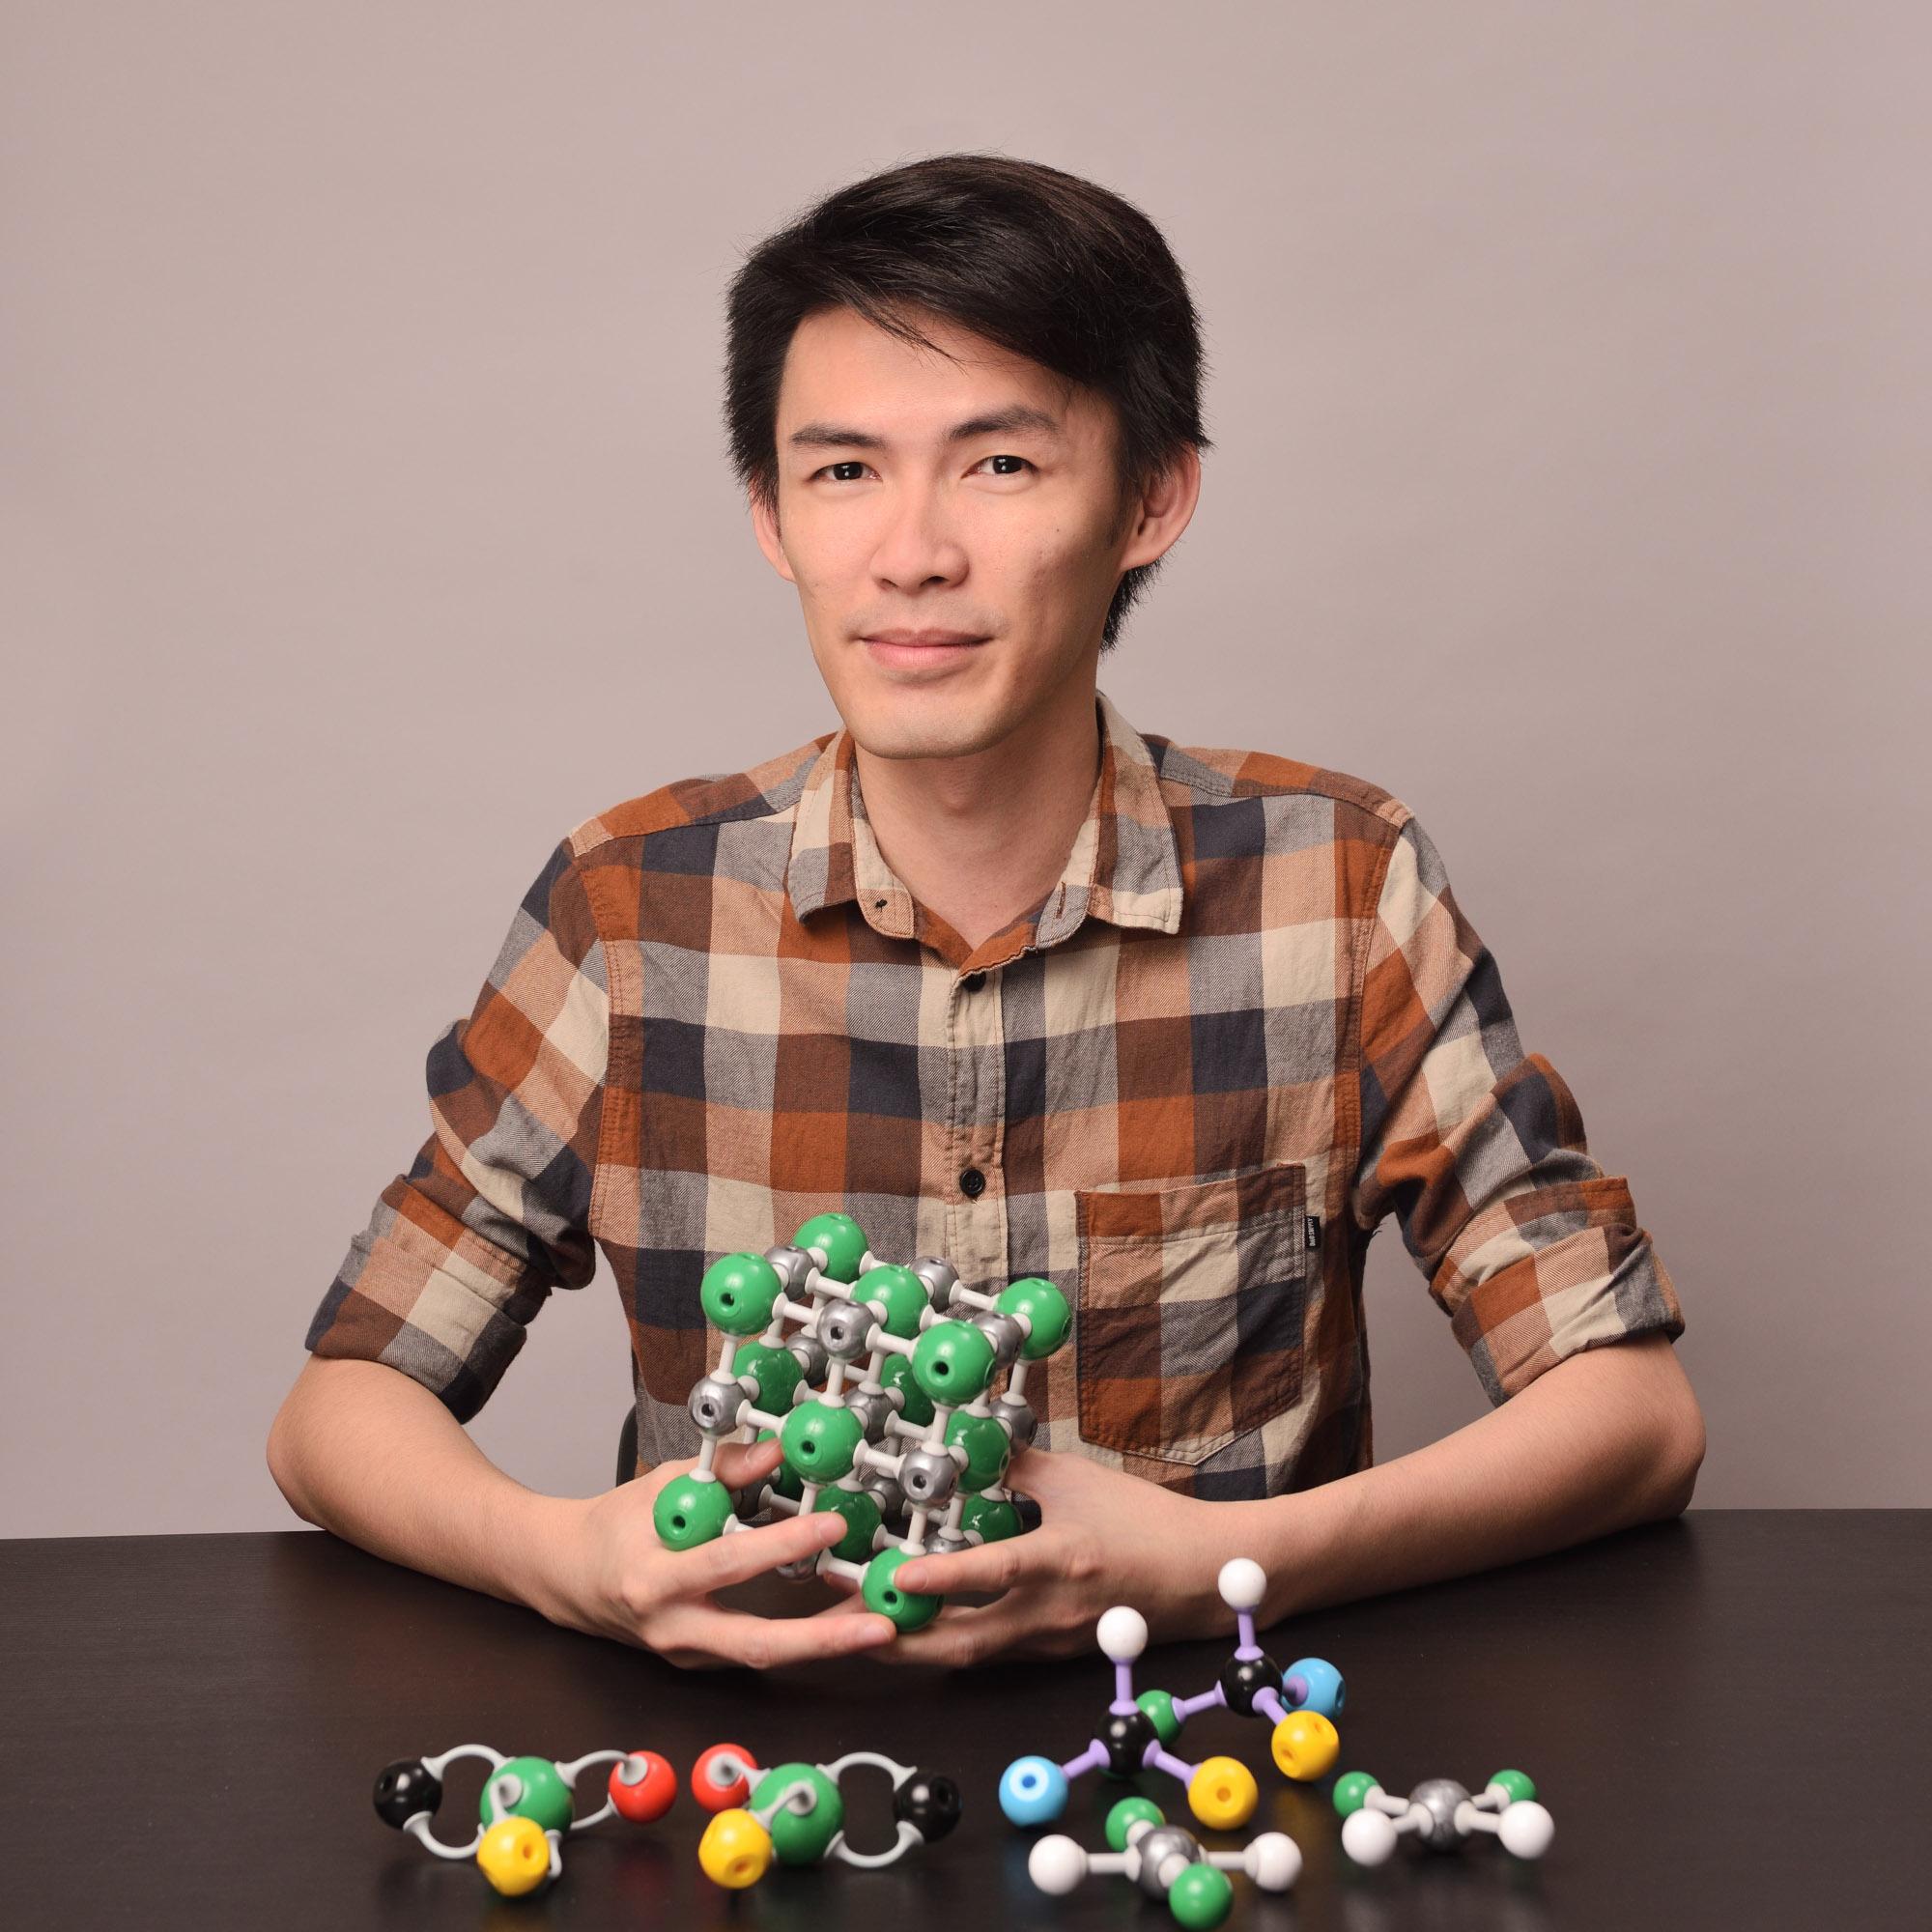 ZHI XIANG WONG - CHEMISTRY